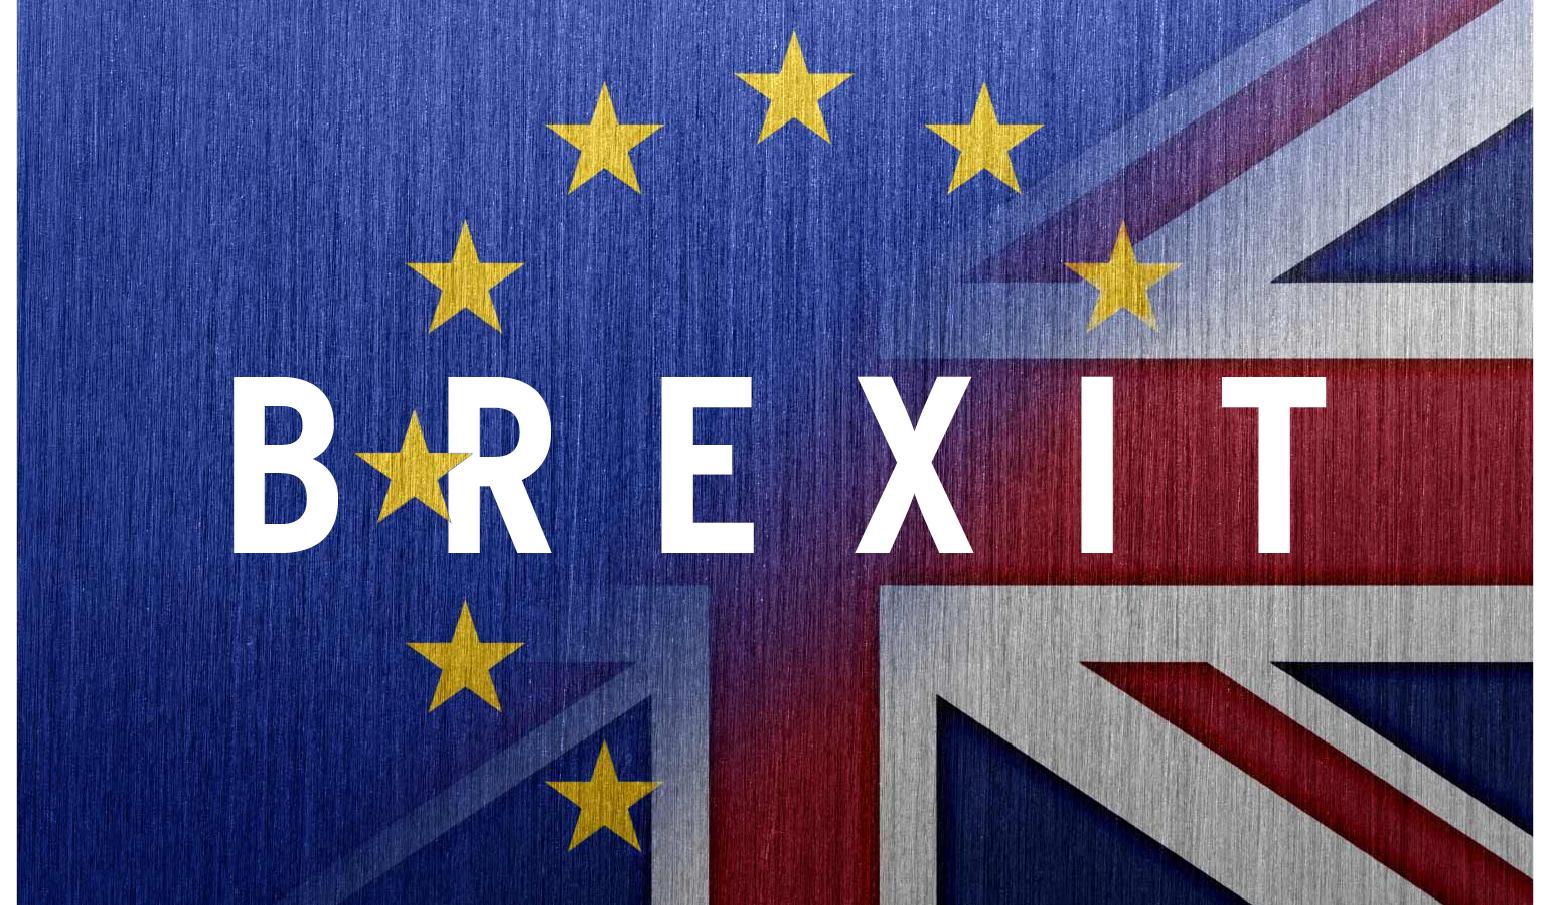 brexit angleterre le brexit consequences et brexit automobile uk 1 - brexit angleterre le brexit consequences et brexit automobile uk